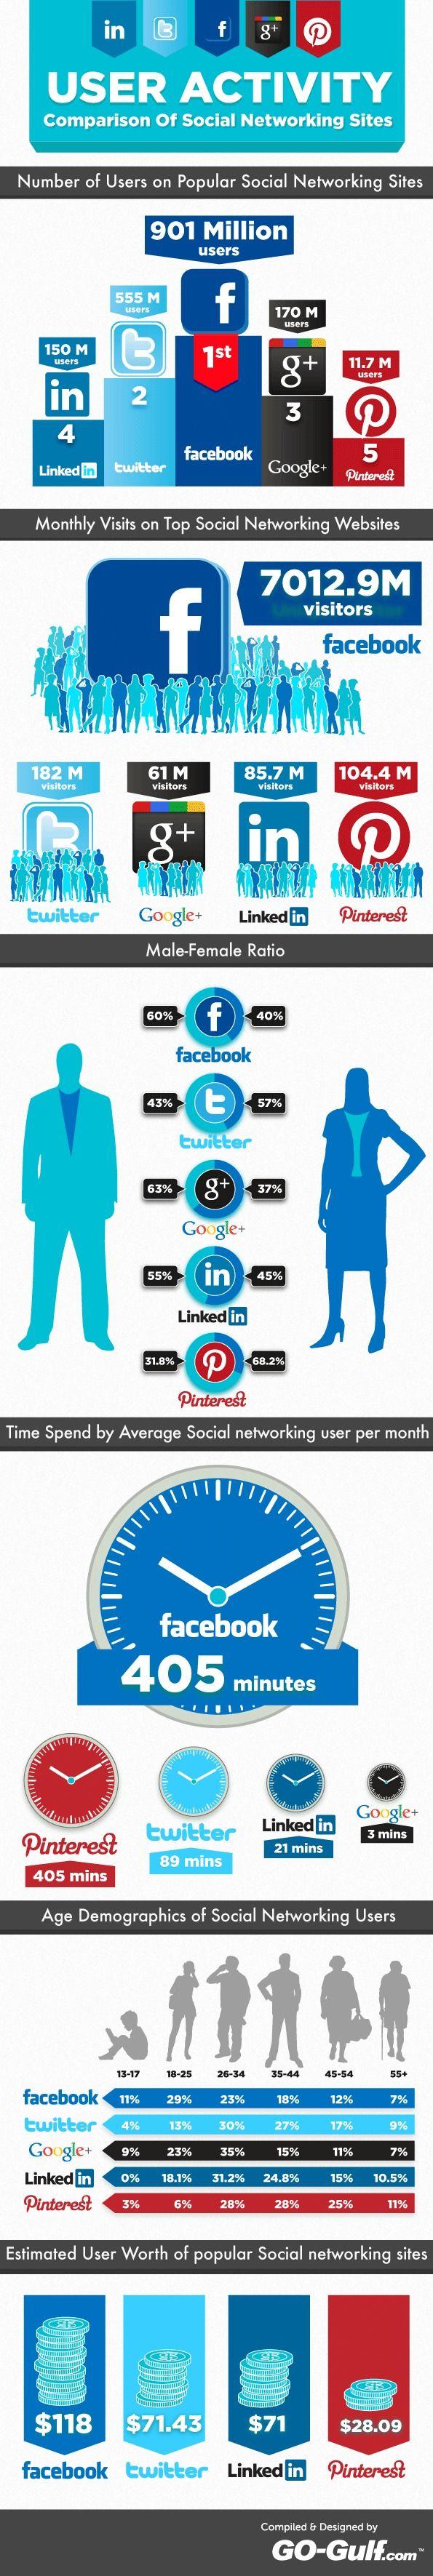 User-Activity-Comparison-Of-So